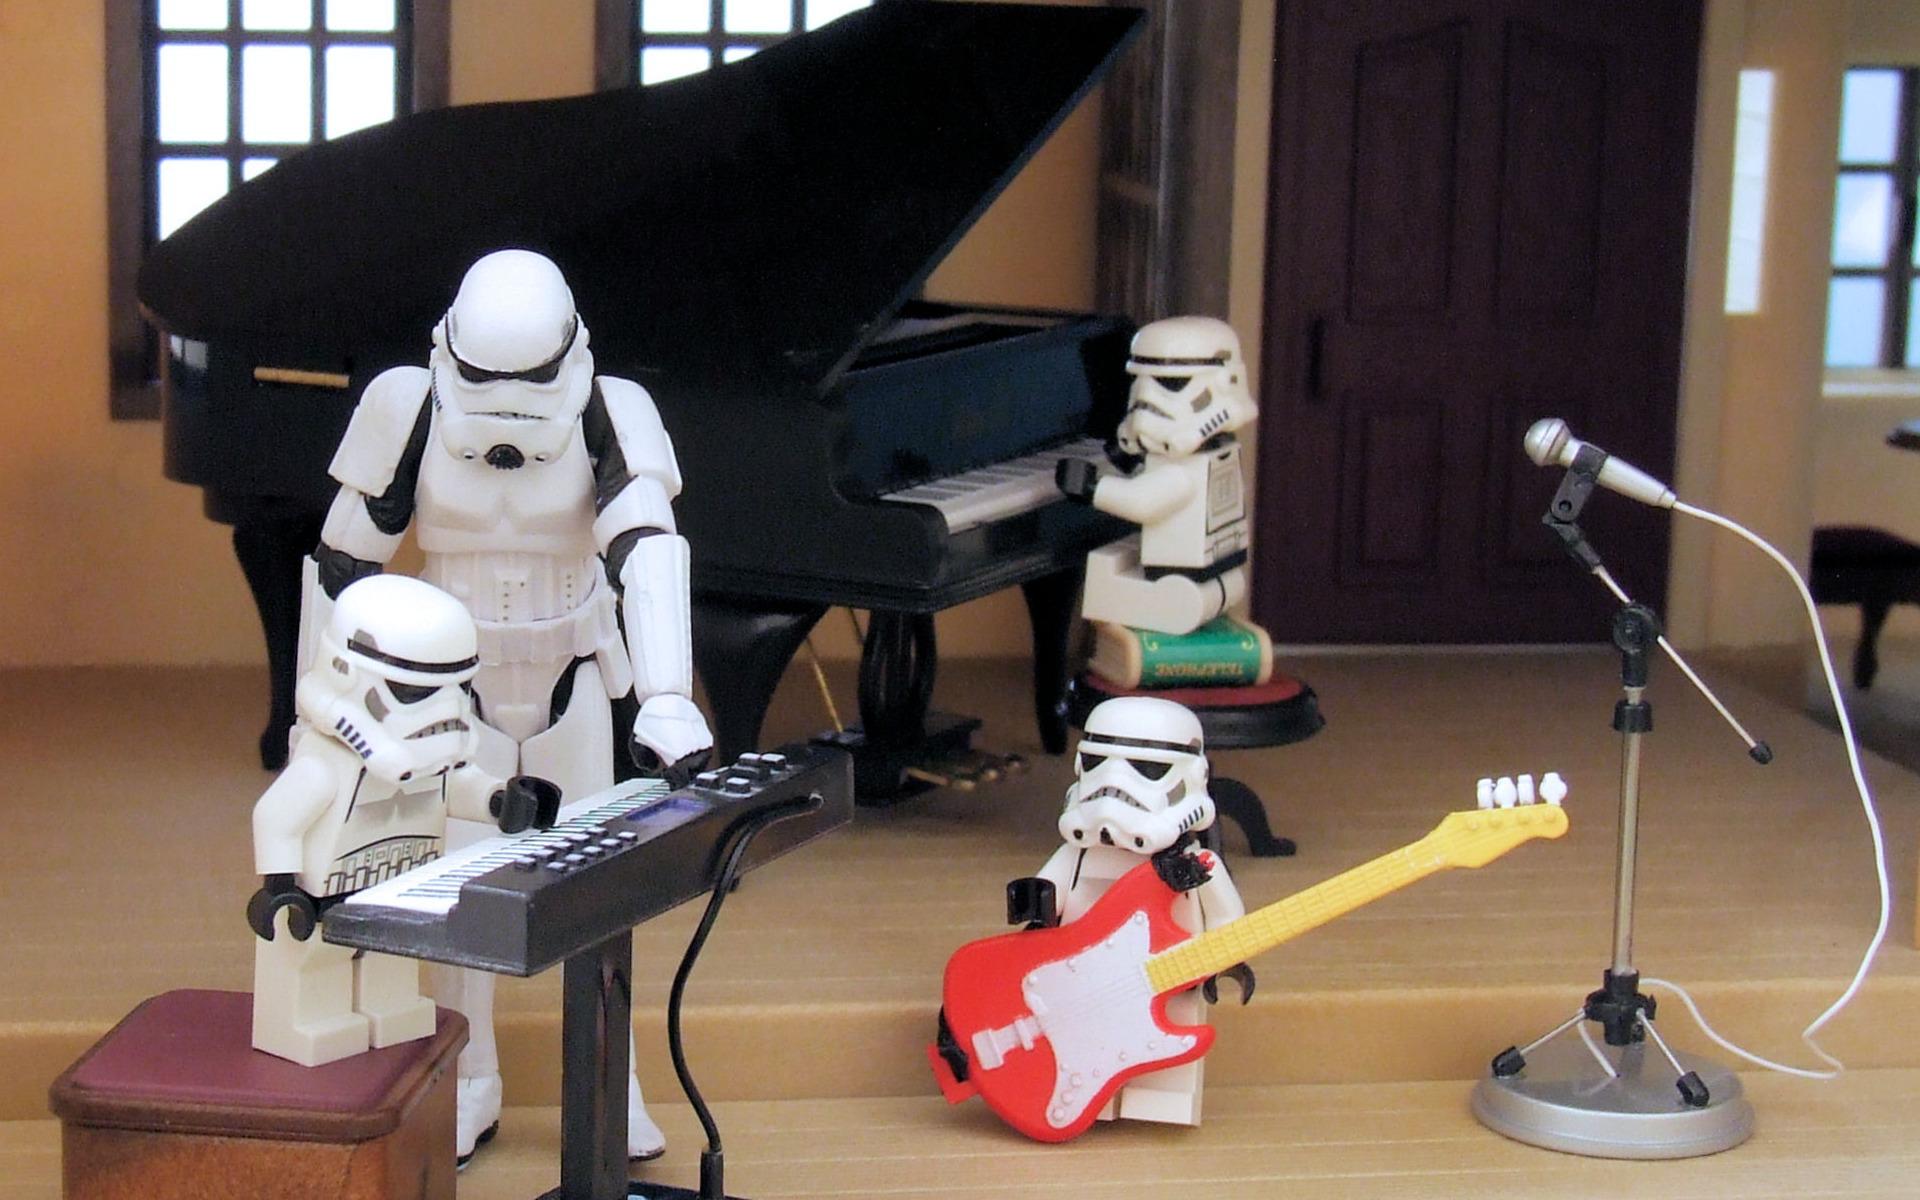 Star Wars Rock - 1920x1200